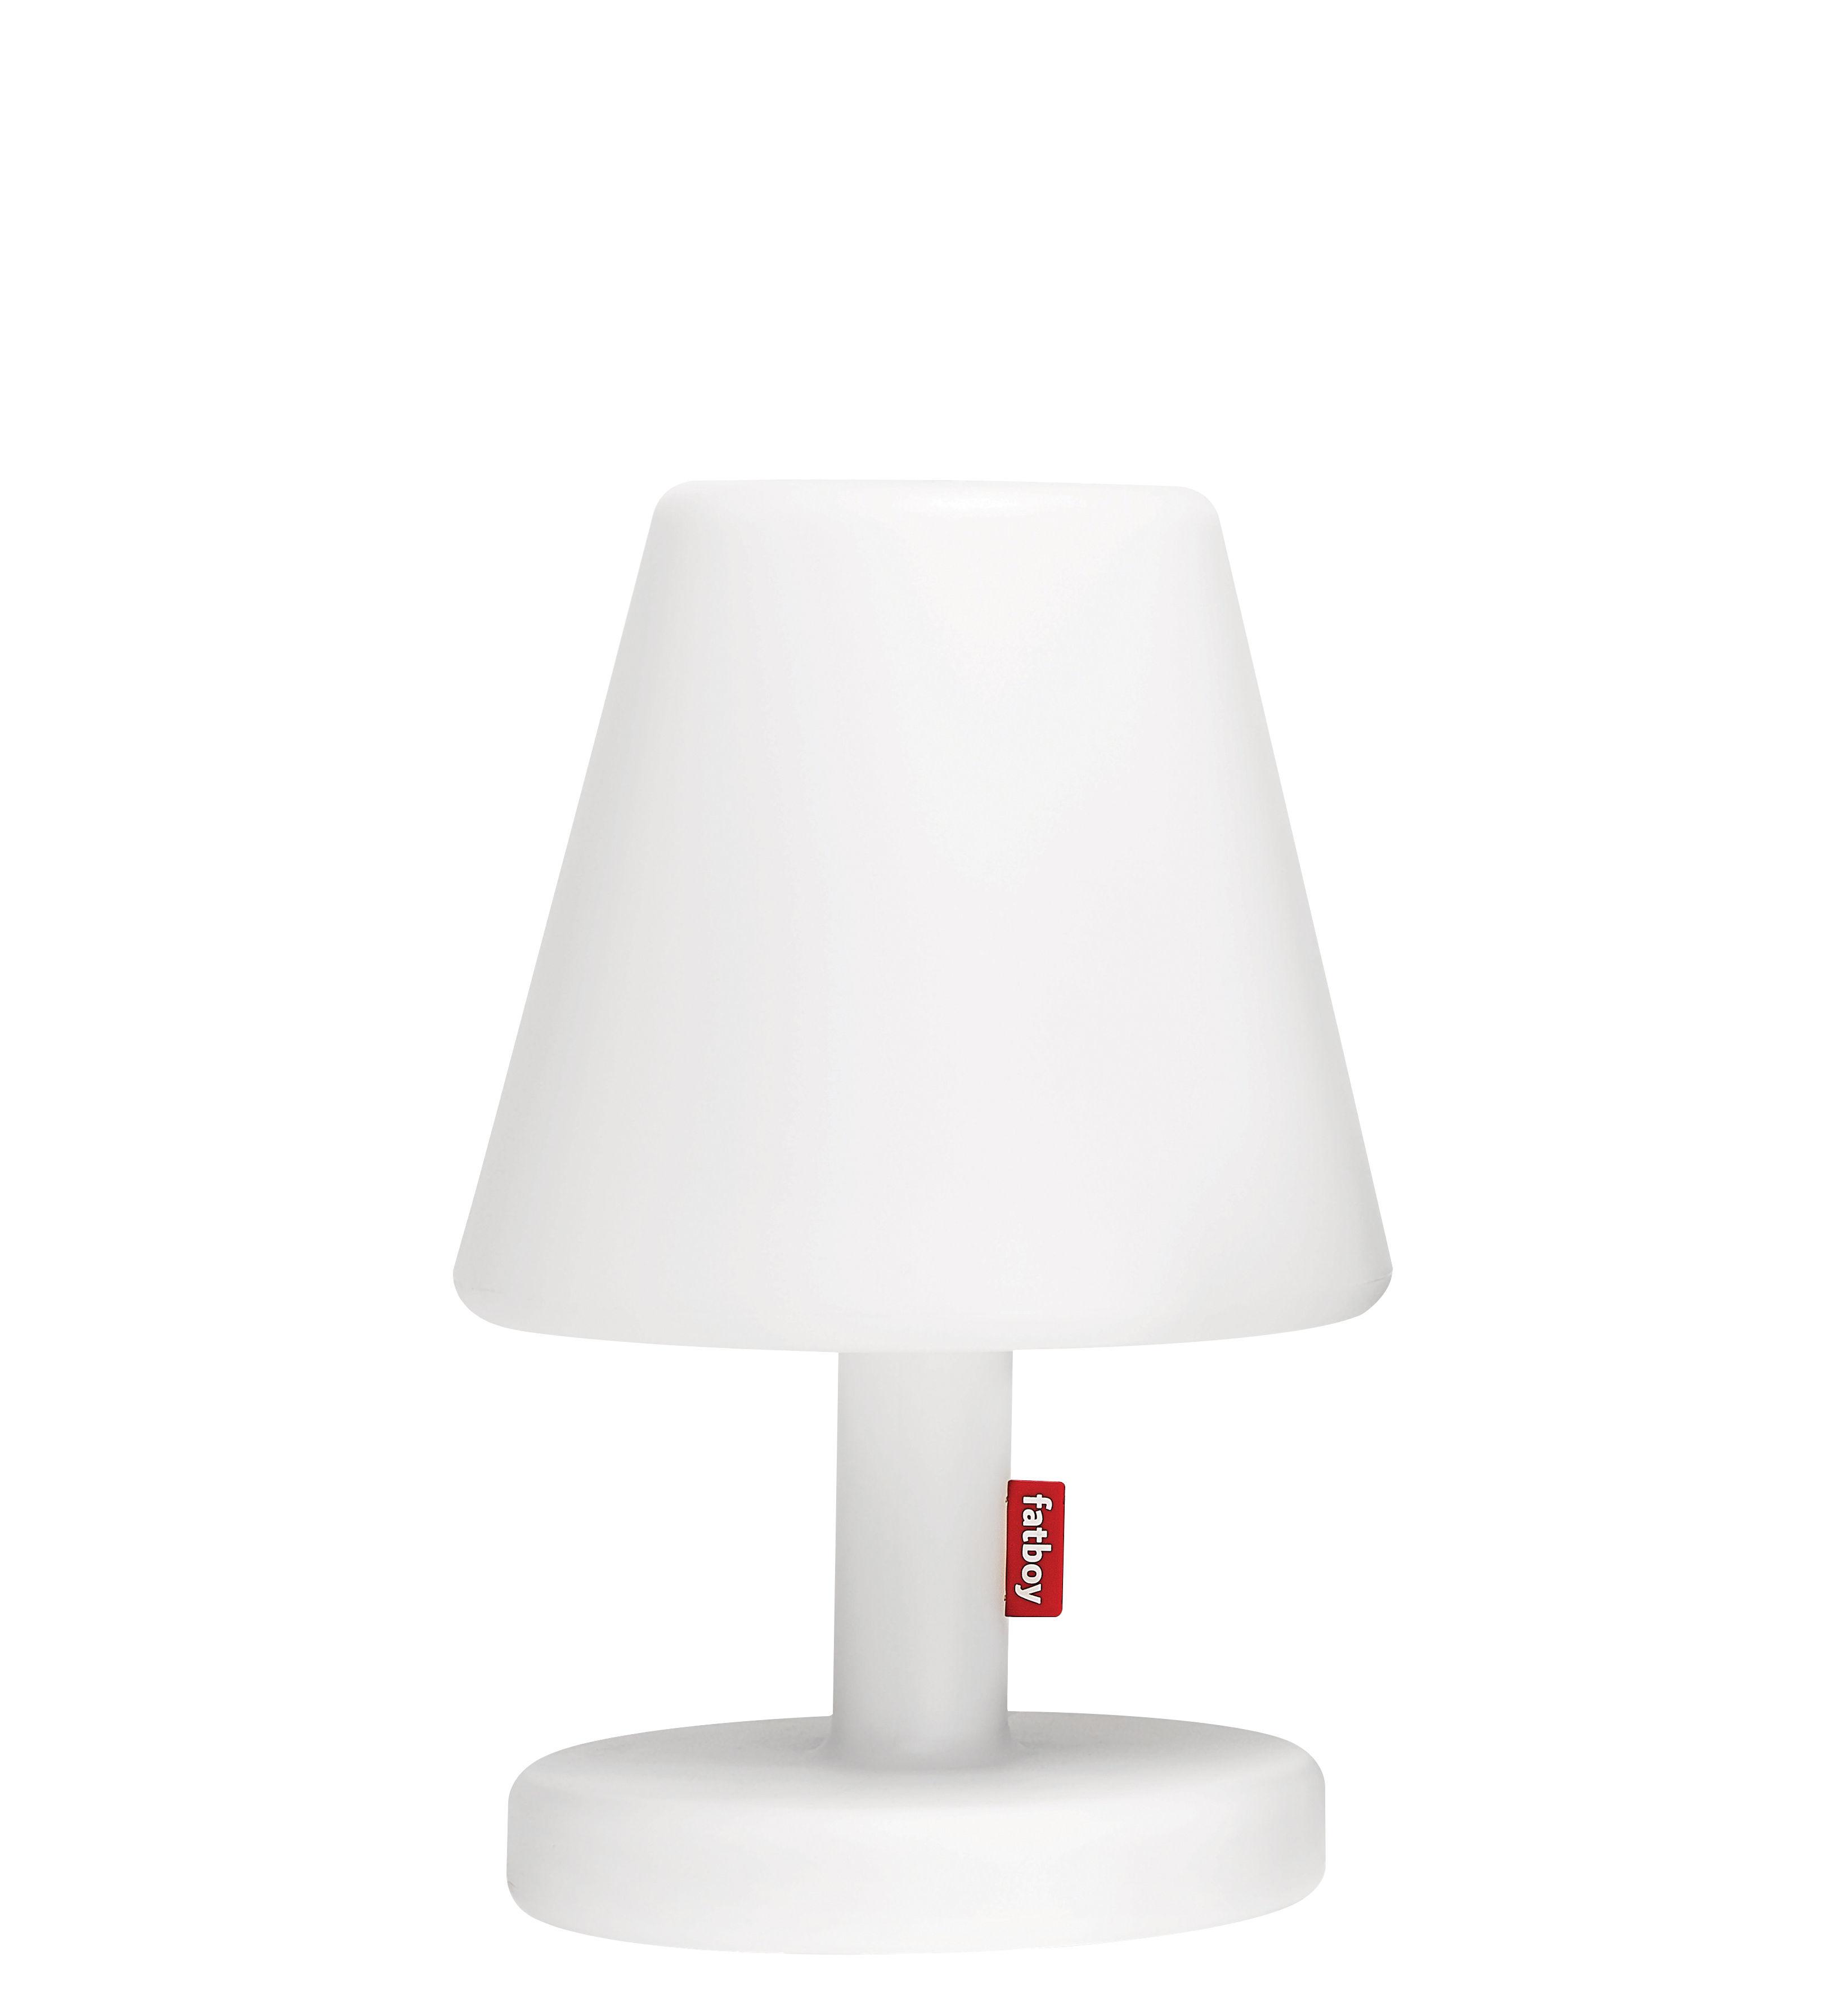 Leuchten - Tischleuchten - Edison the Medium Bluetooth Lampe / H 51 cm - LED - Fatboy - Weiß / Bluetooth - Polyäthylen